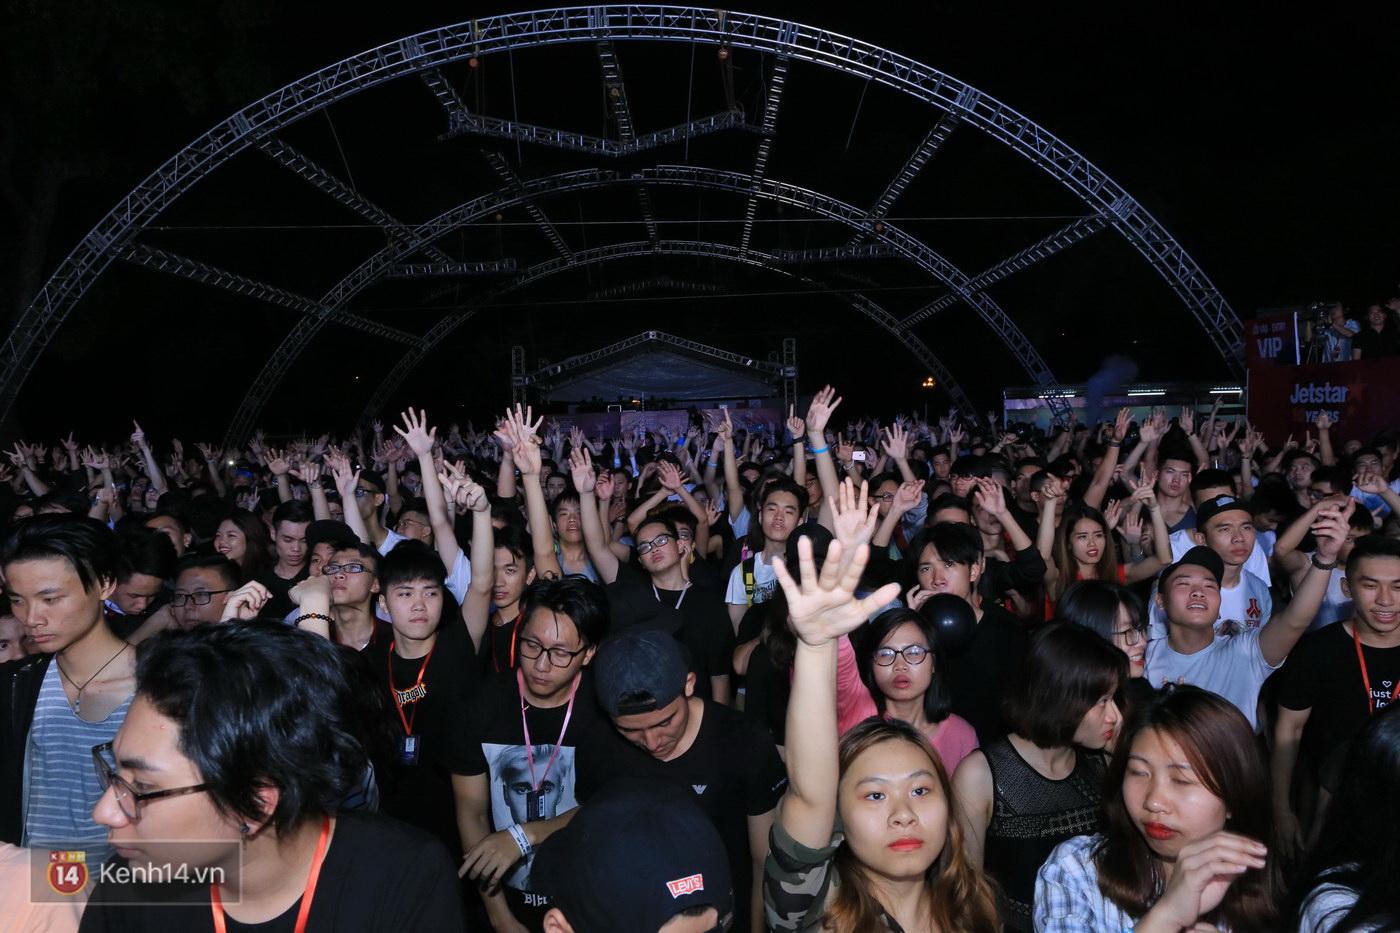 Khán giả Hà Nội vỡ oà trong bữa tiệc Future House cùng DJ Top 15 thế giới Don Diablo - Ảnh 6.